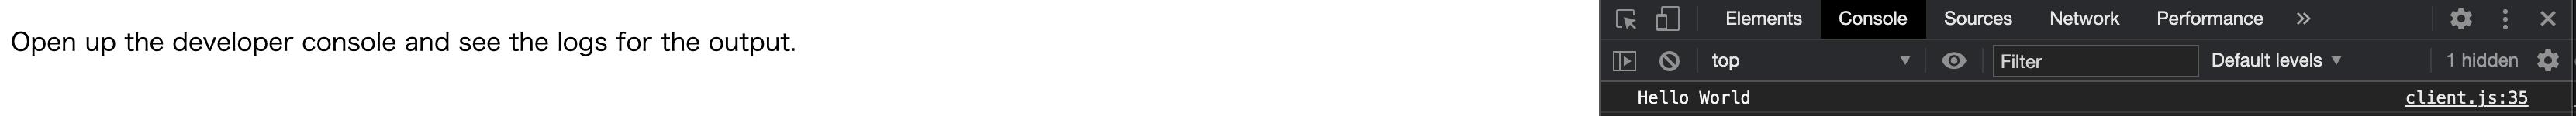 スクリーンショット 2020-12-21 8.12.04.png